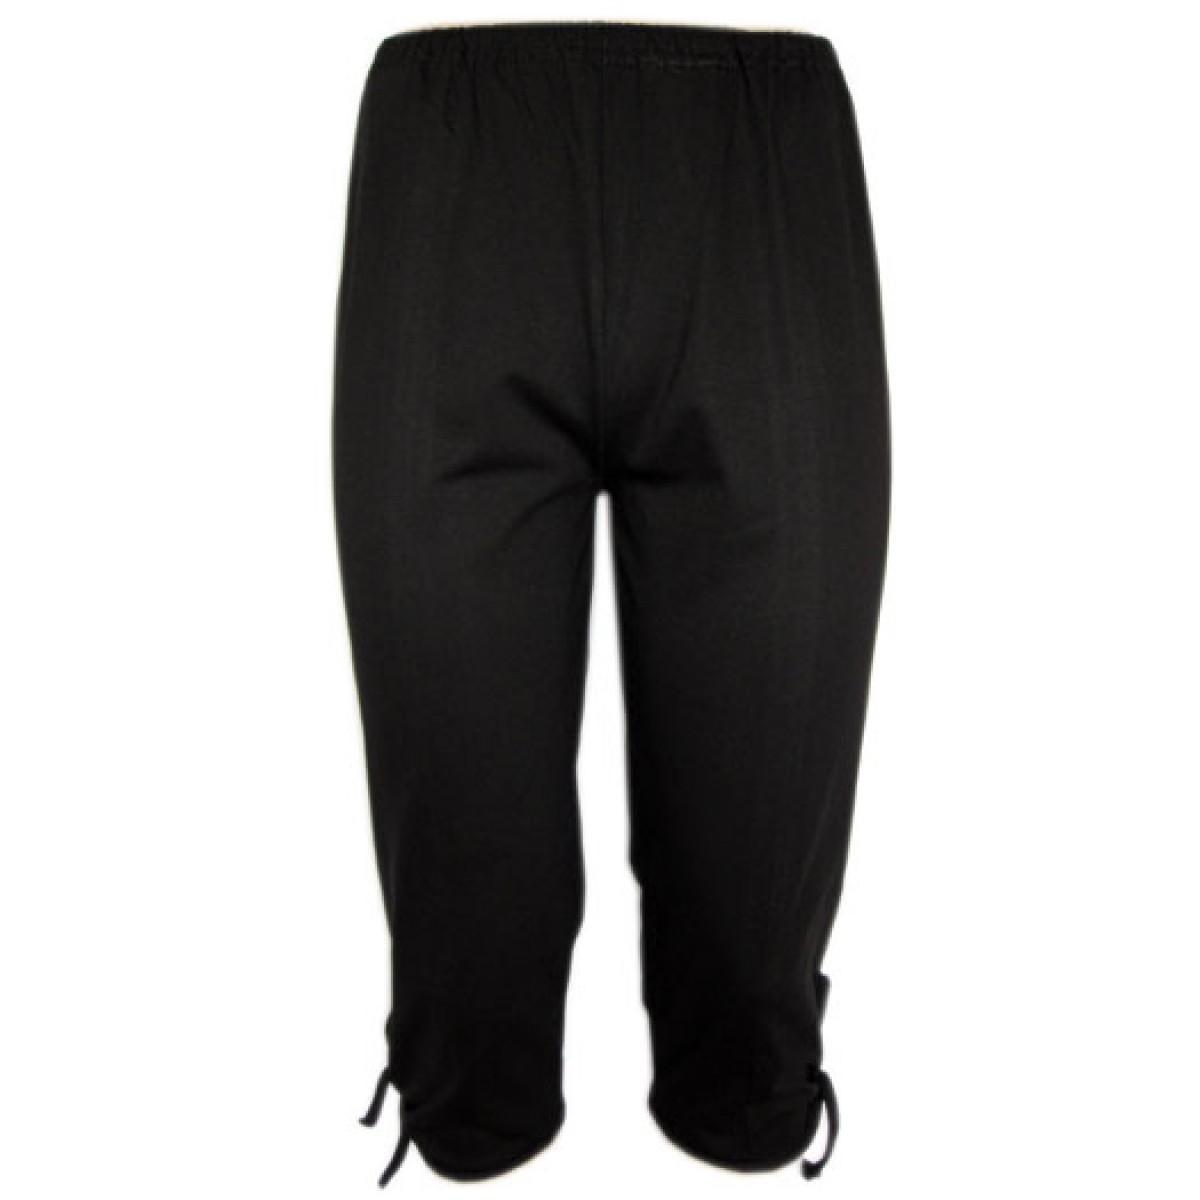 Бриджи, штаны, шорты